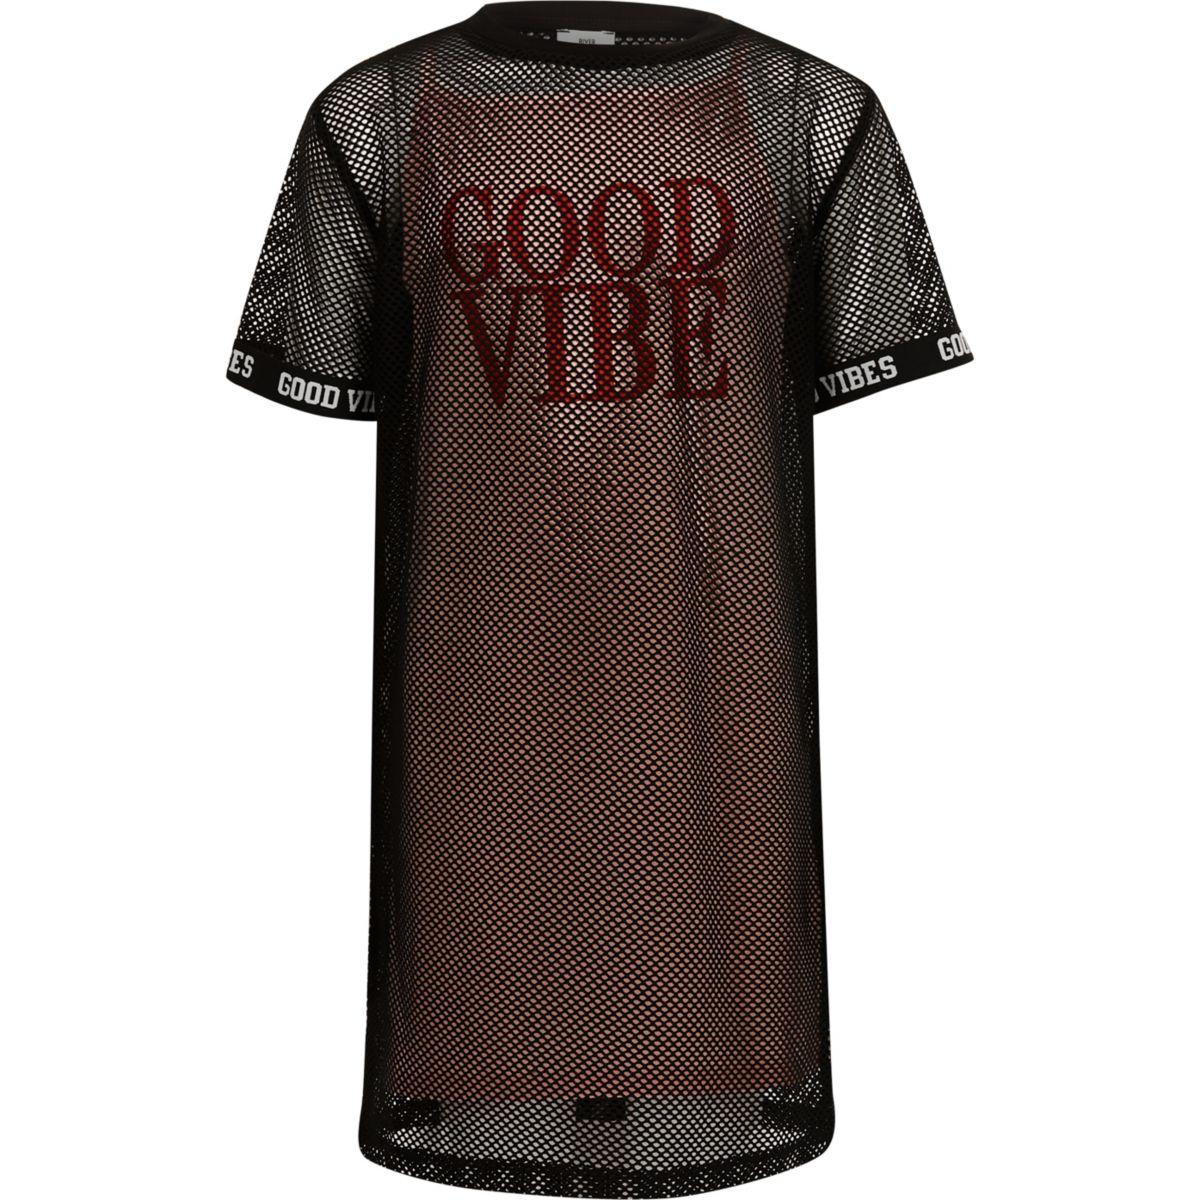 Robe t-shirt «good vibes» en maille noire pour fille